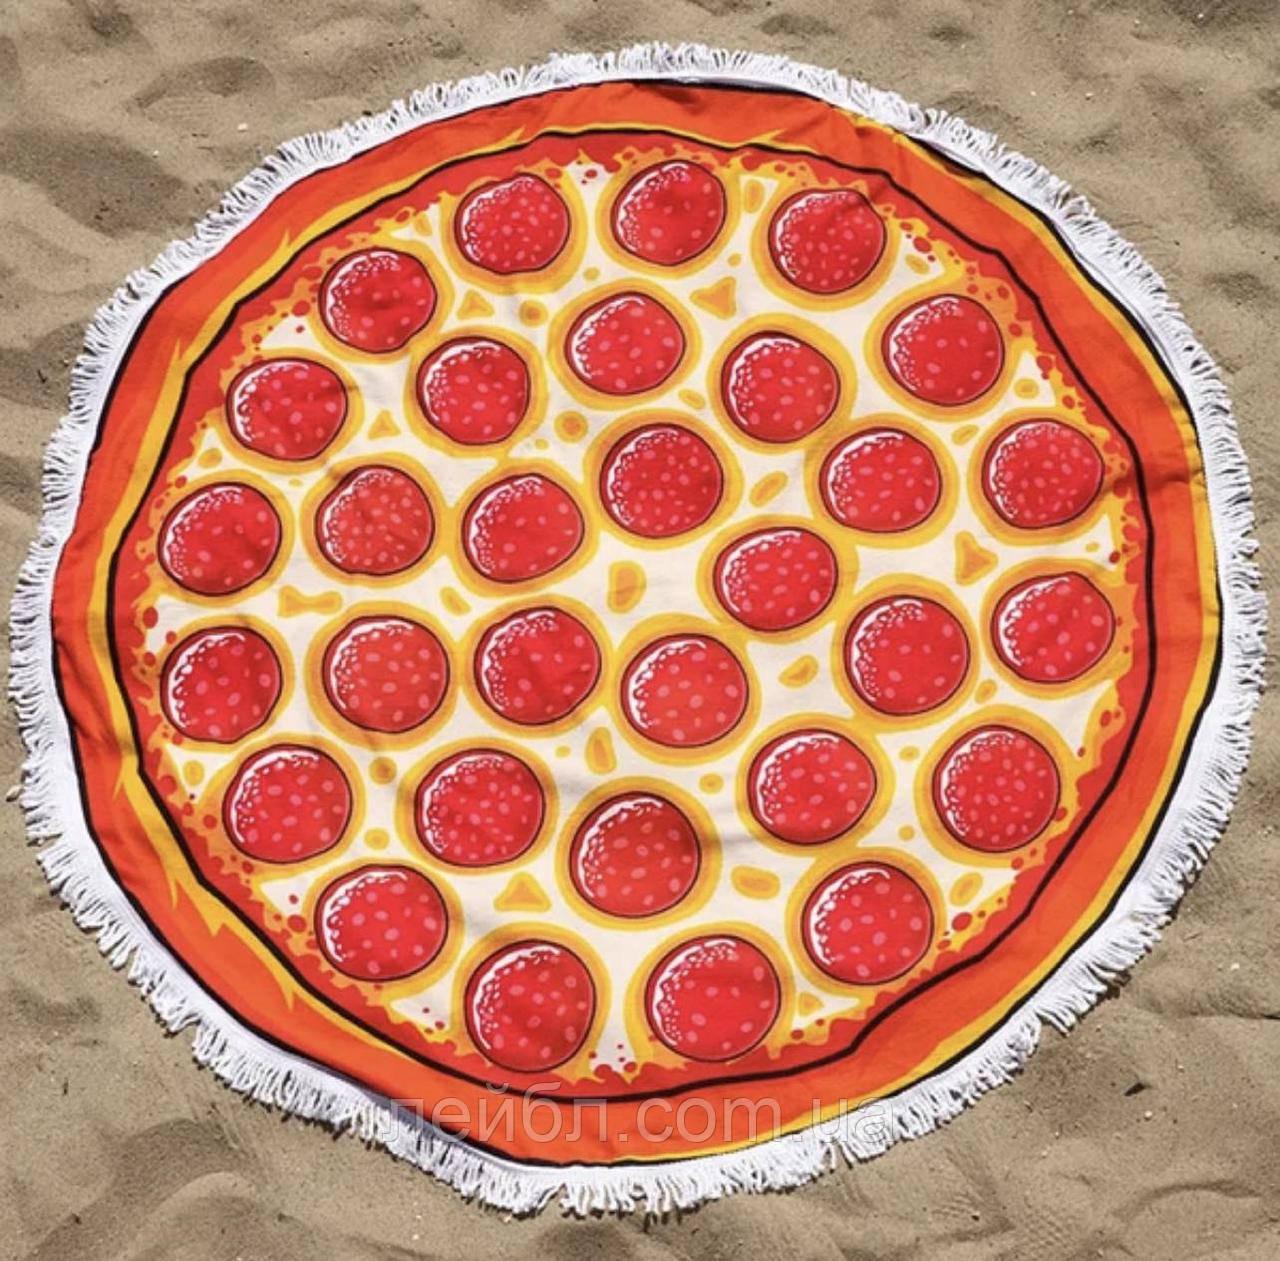 Пляжное круглое полотенце из микрофибры - Пицца